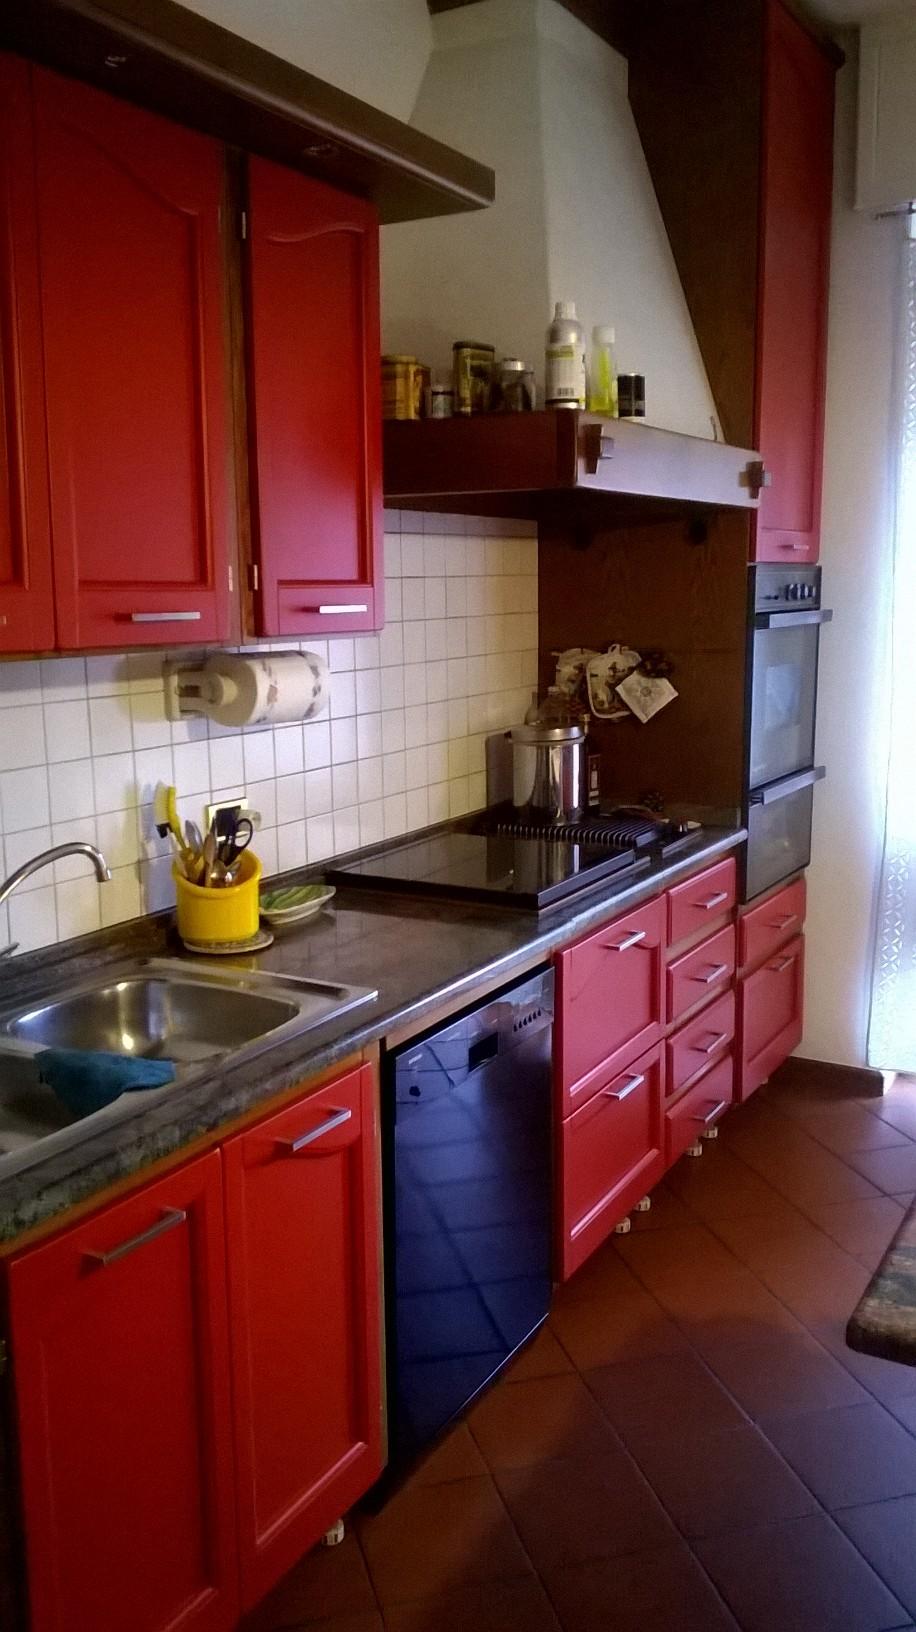 Rinnova la tua cucina promozione falegnameria colzani for Realizza la tua cucina